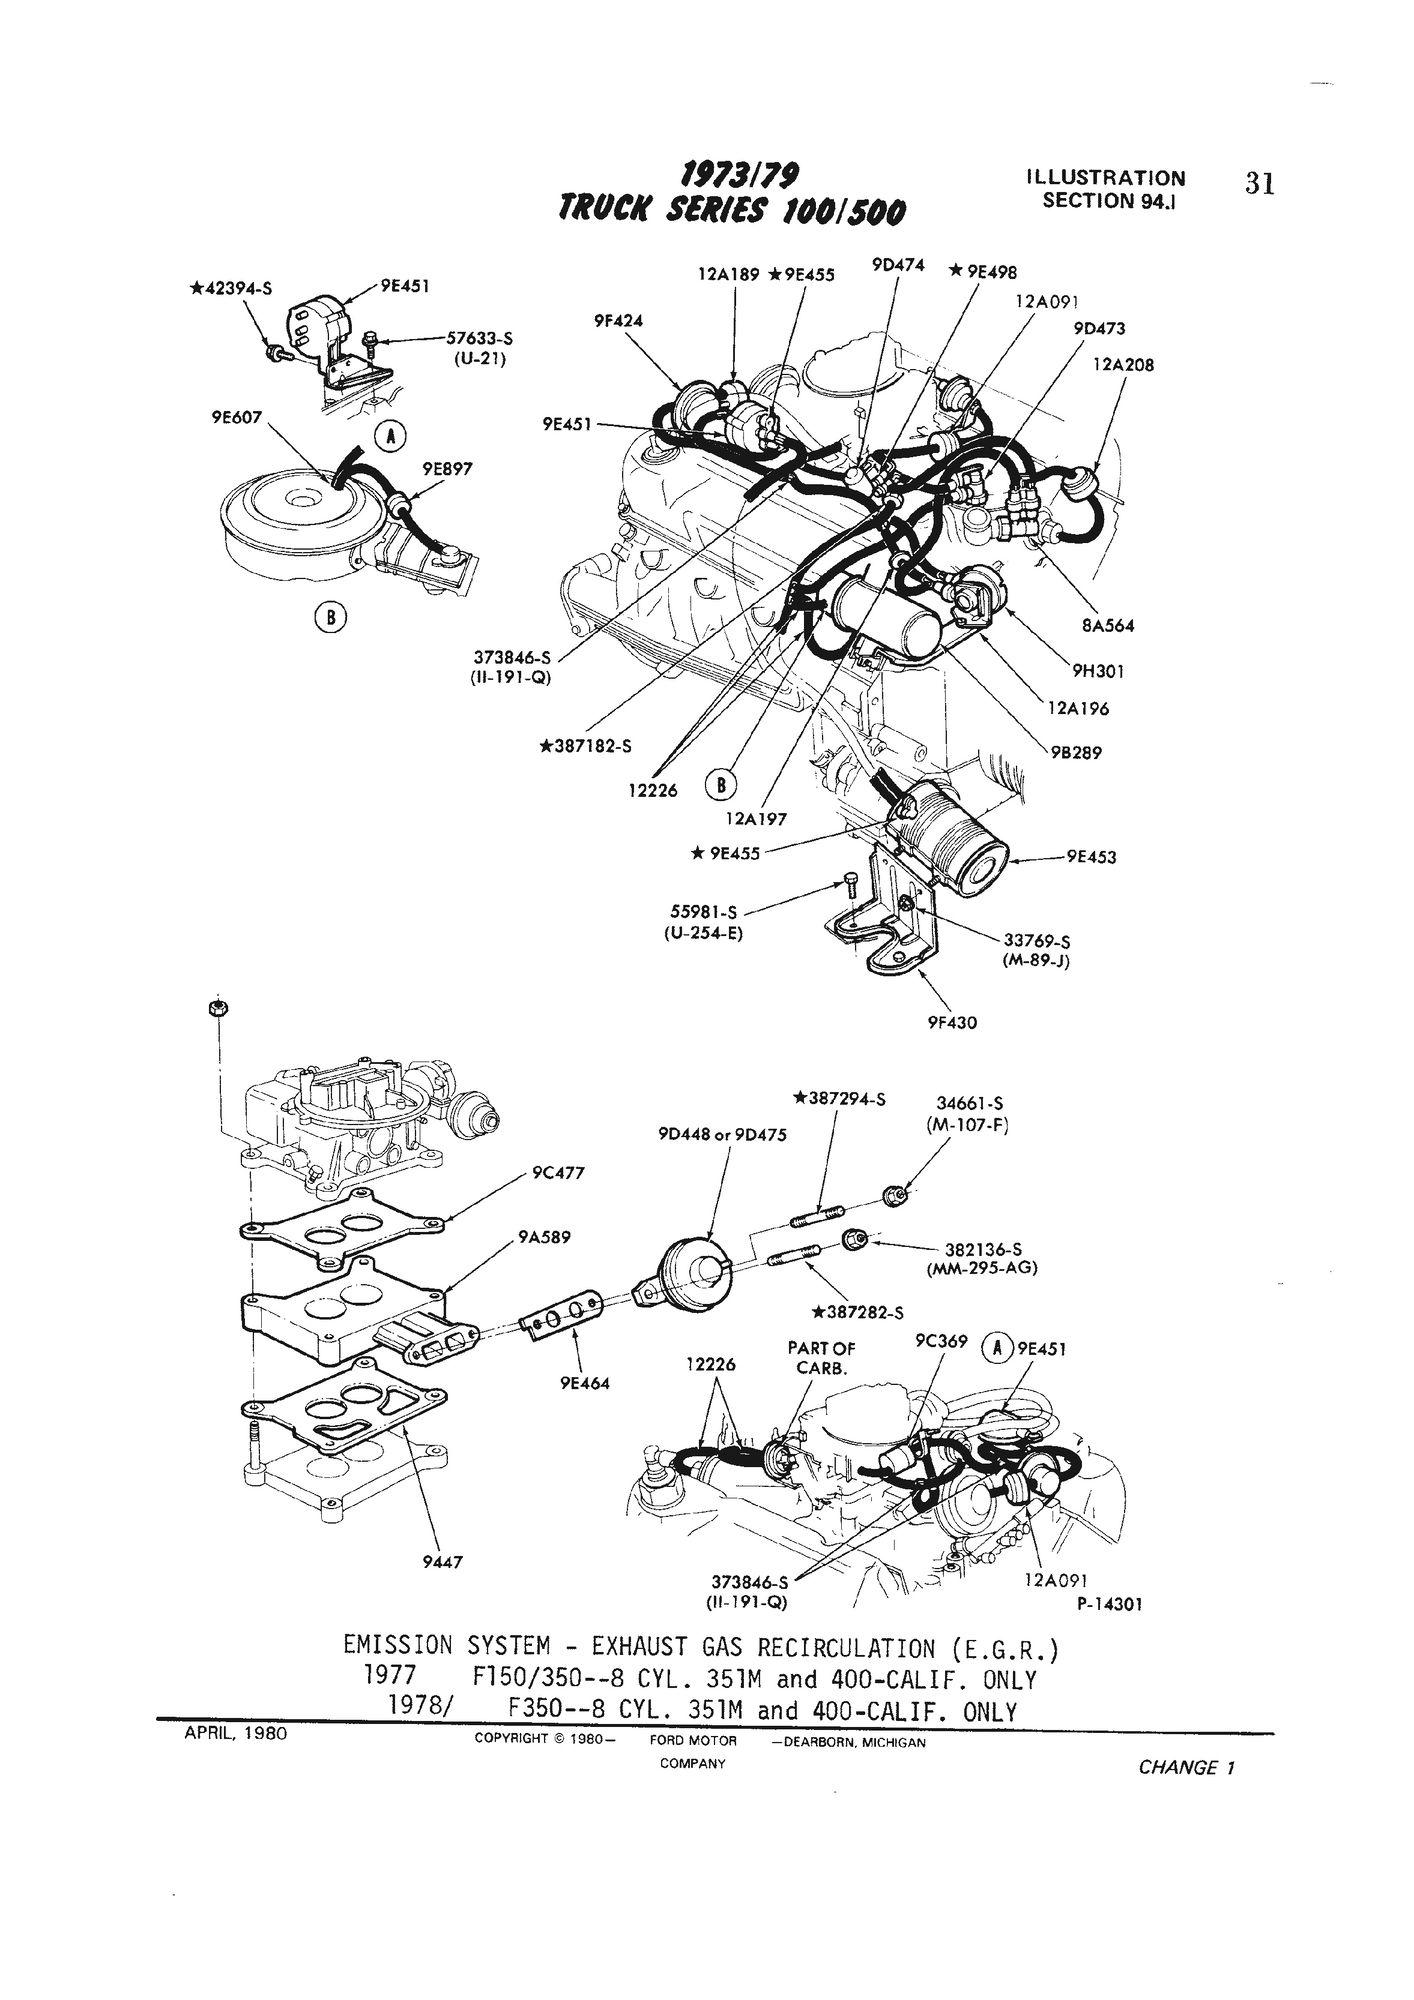 Ca Vacuum Diagrams 7 74j R11 And 8 62t R10